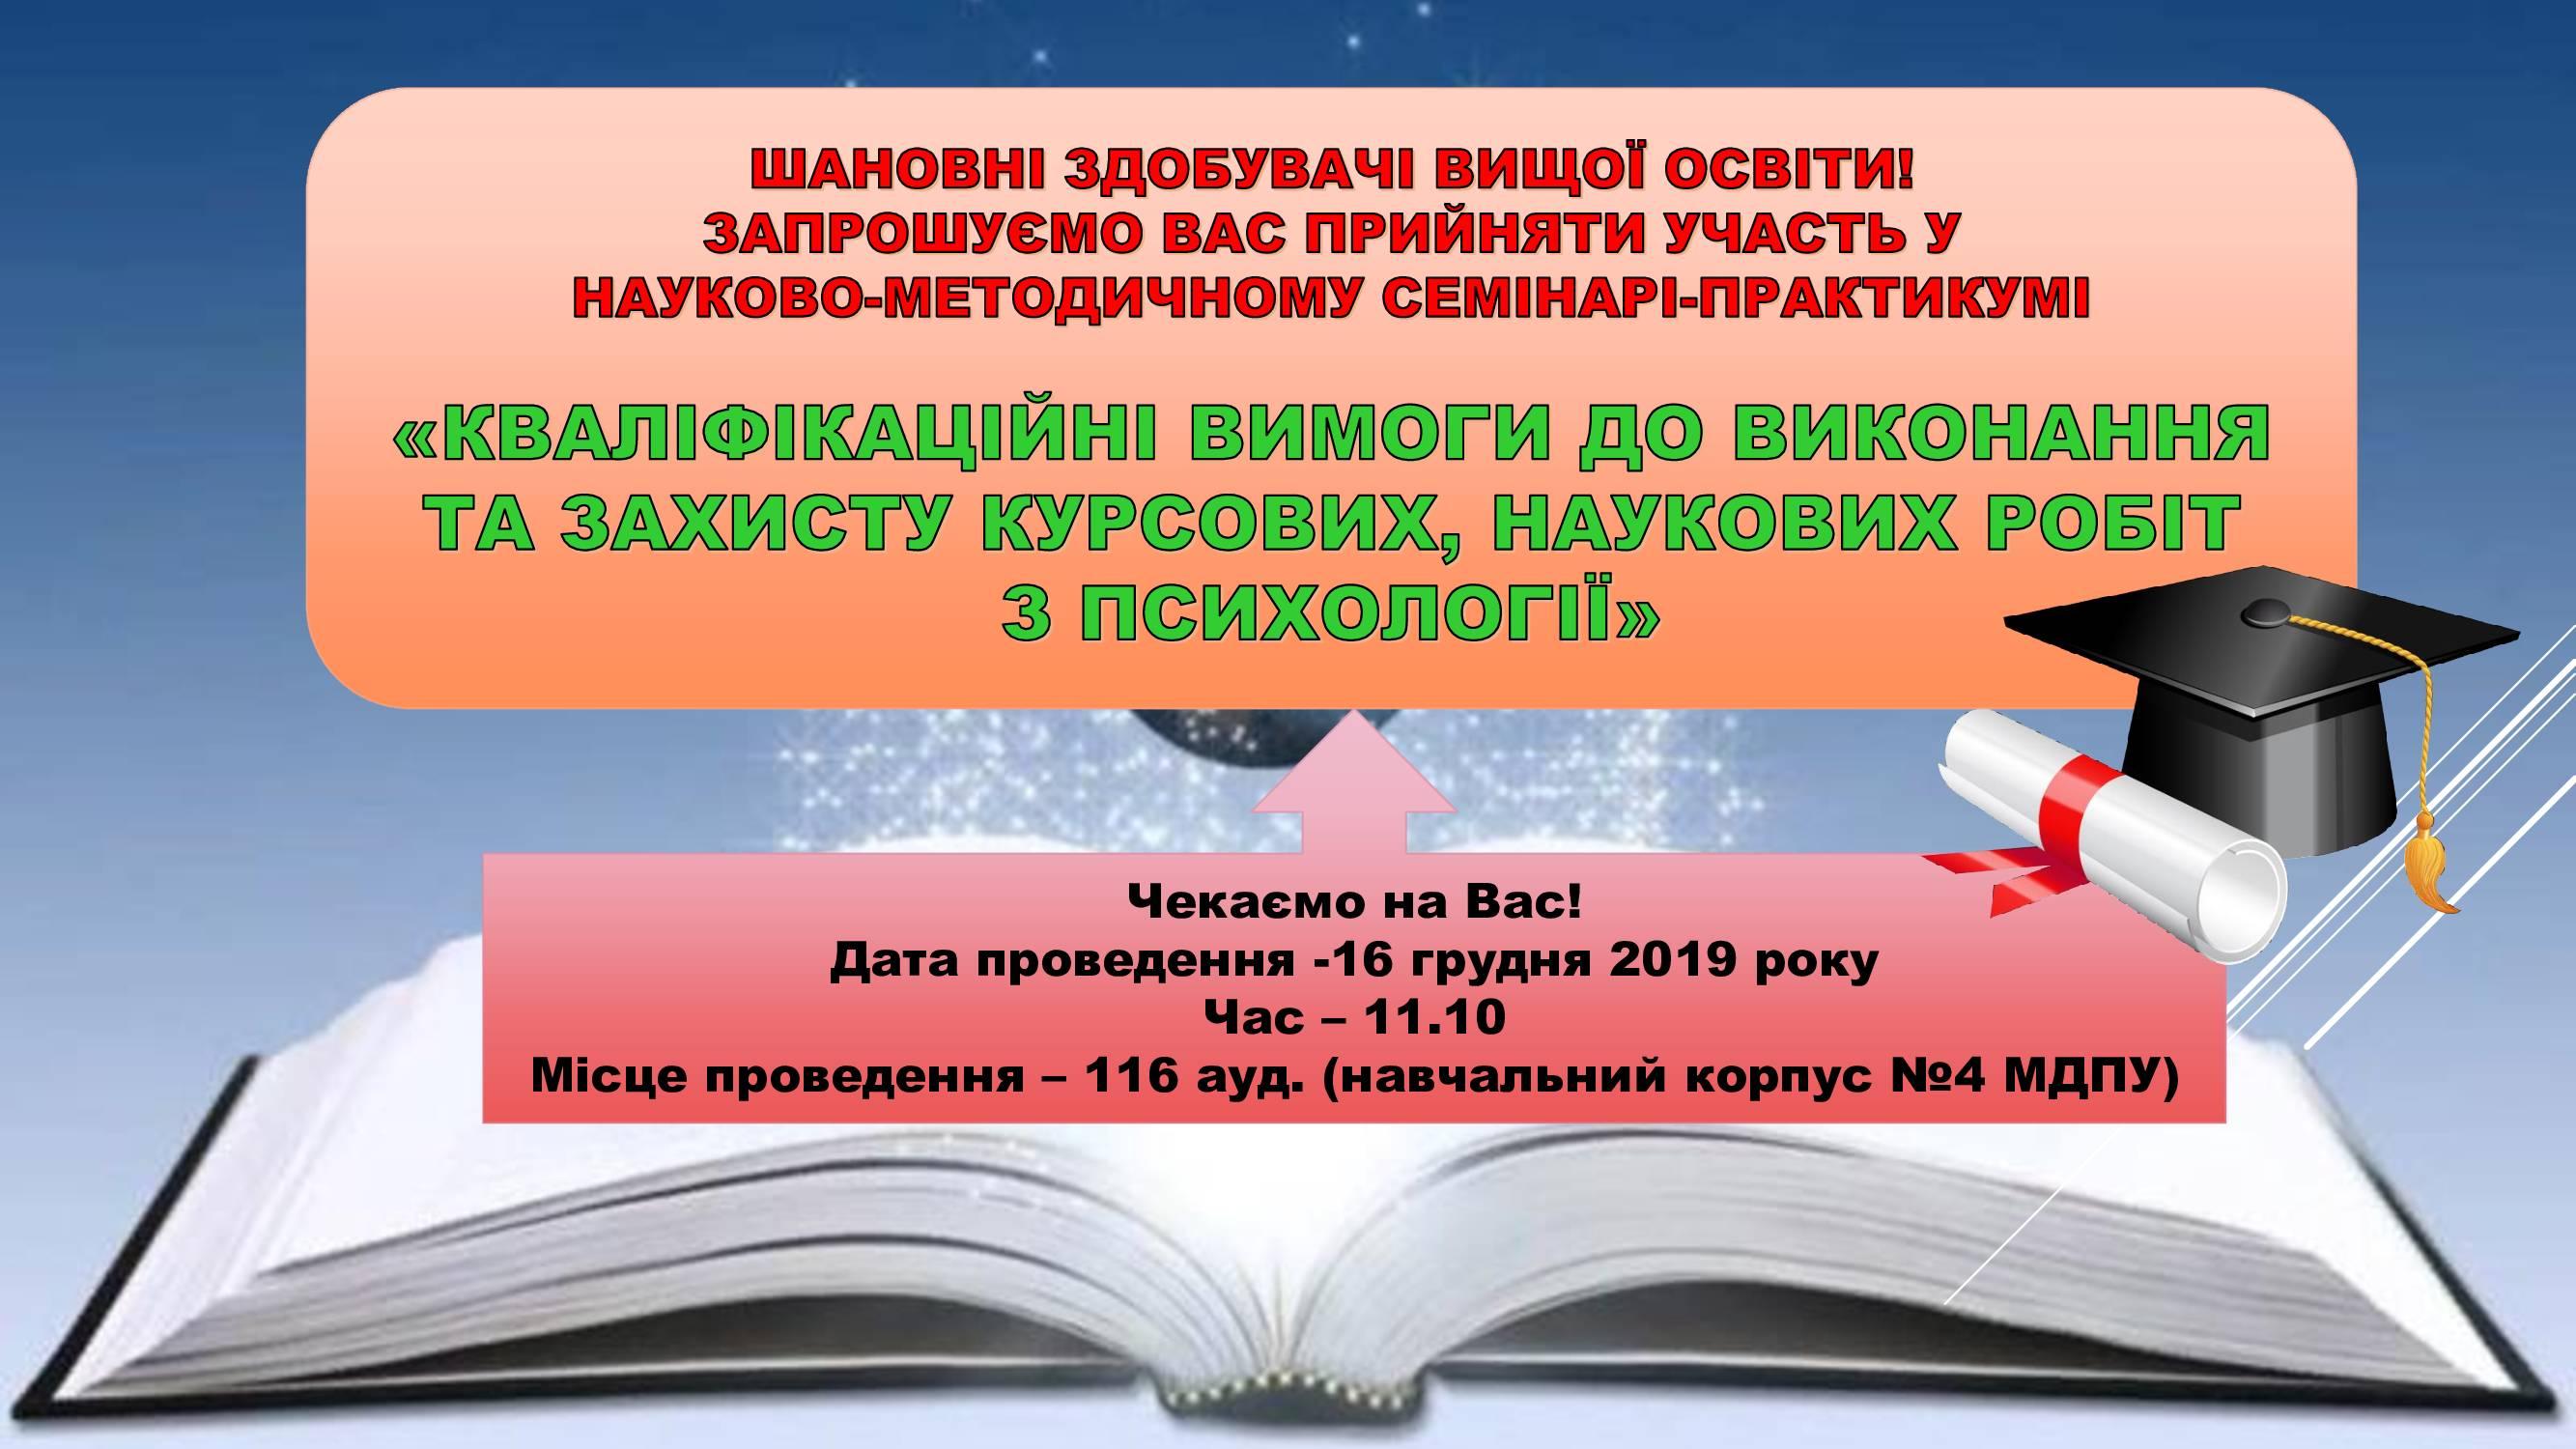 Запрошуємо взяти участь у науково-методичному семінарі-практикумі!